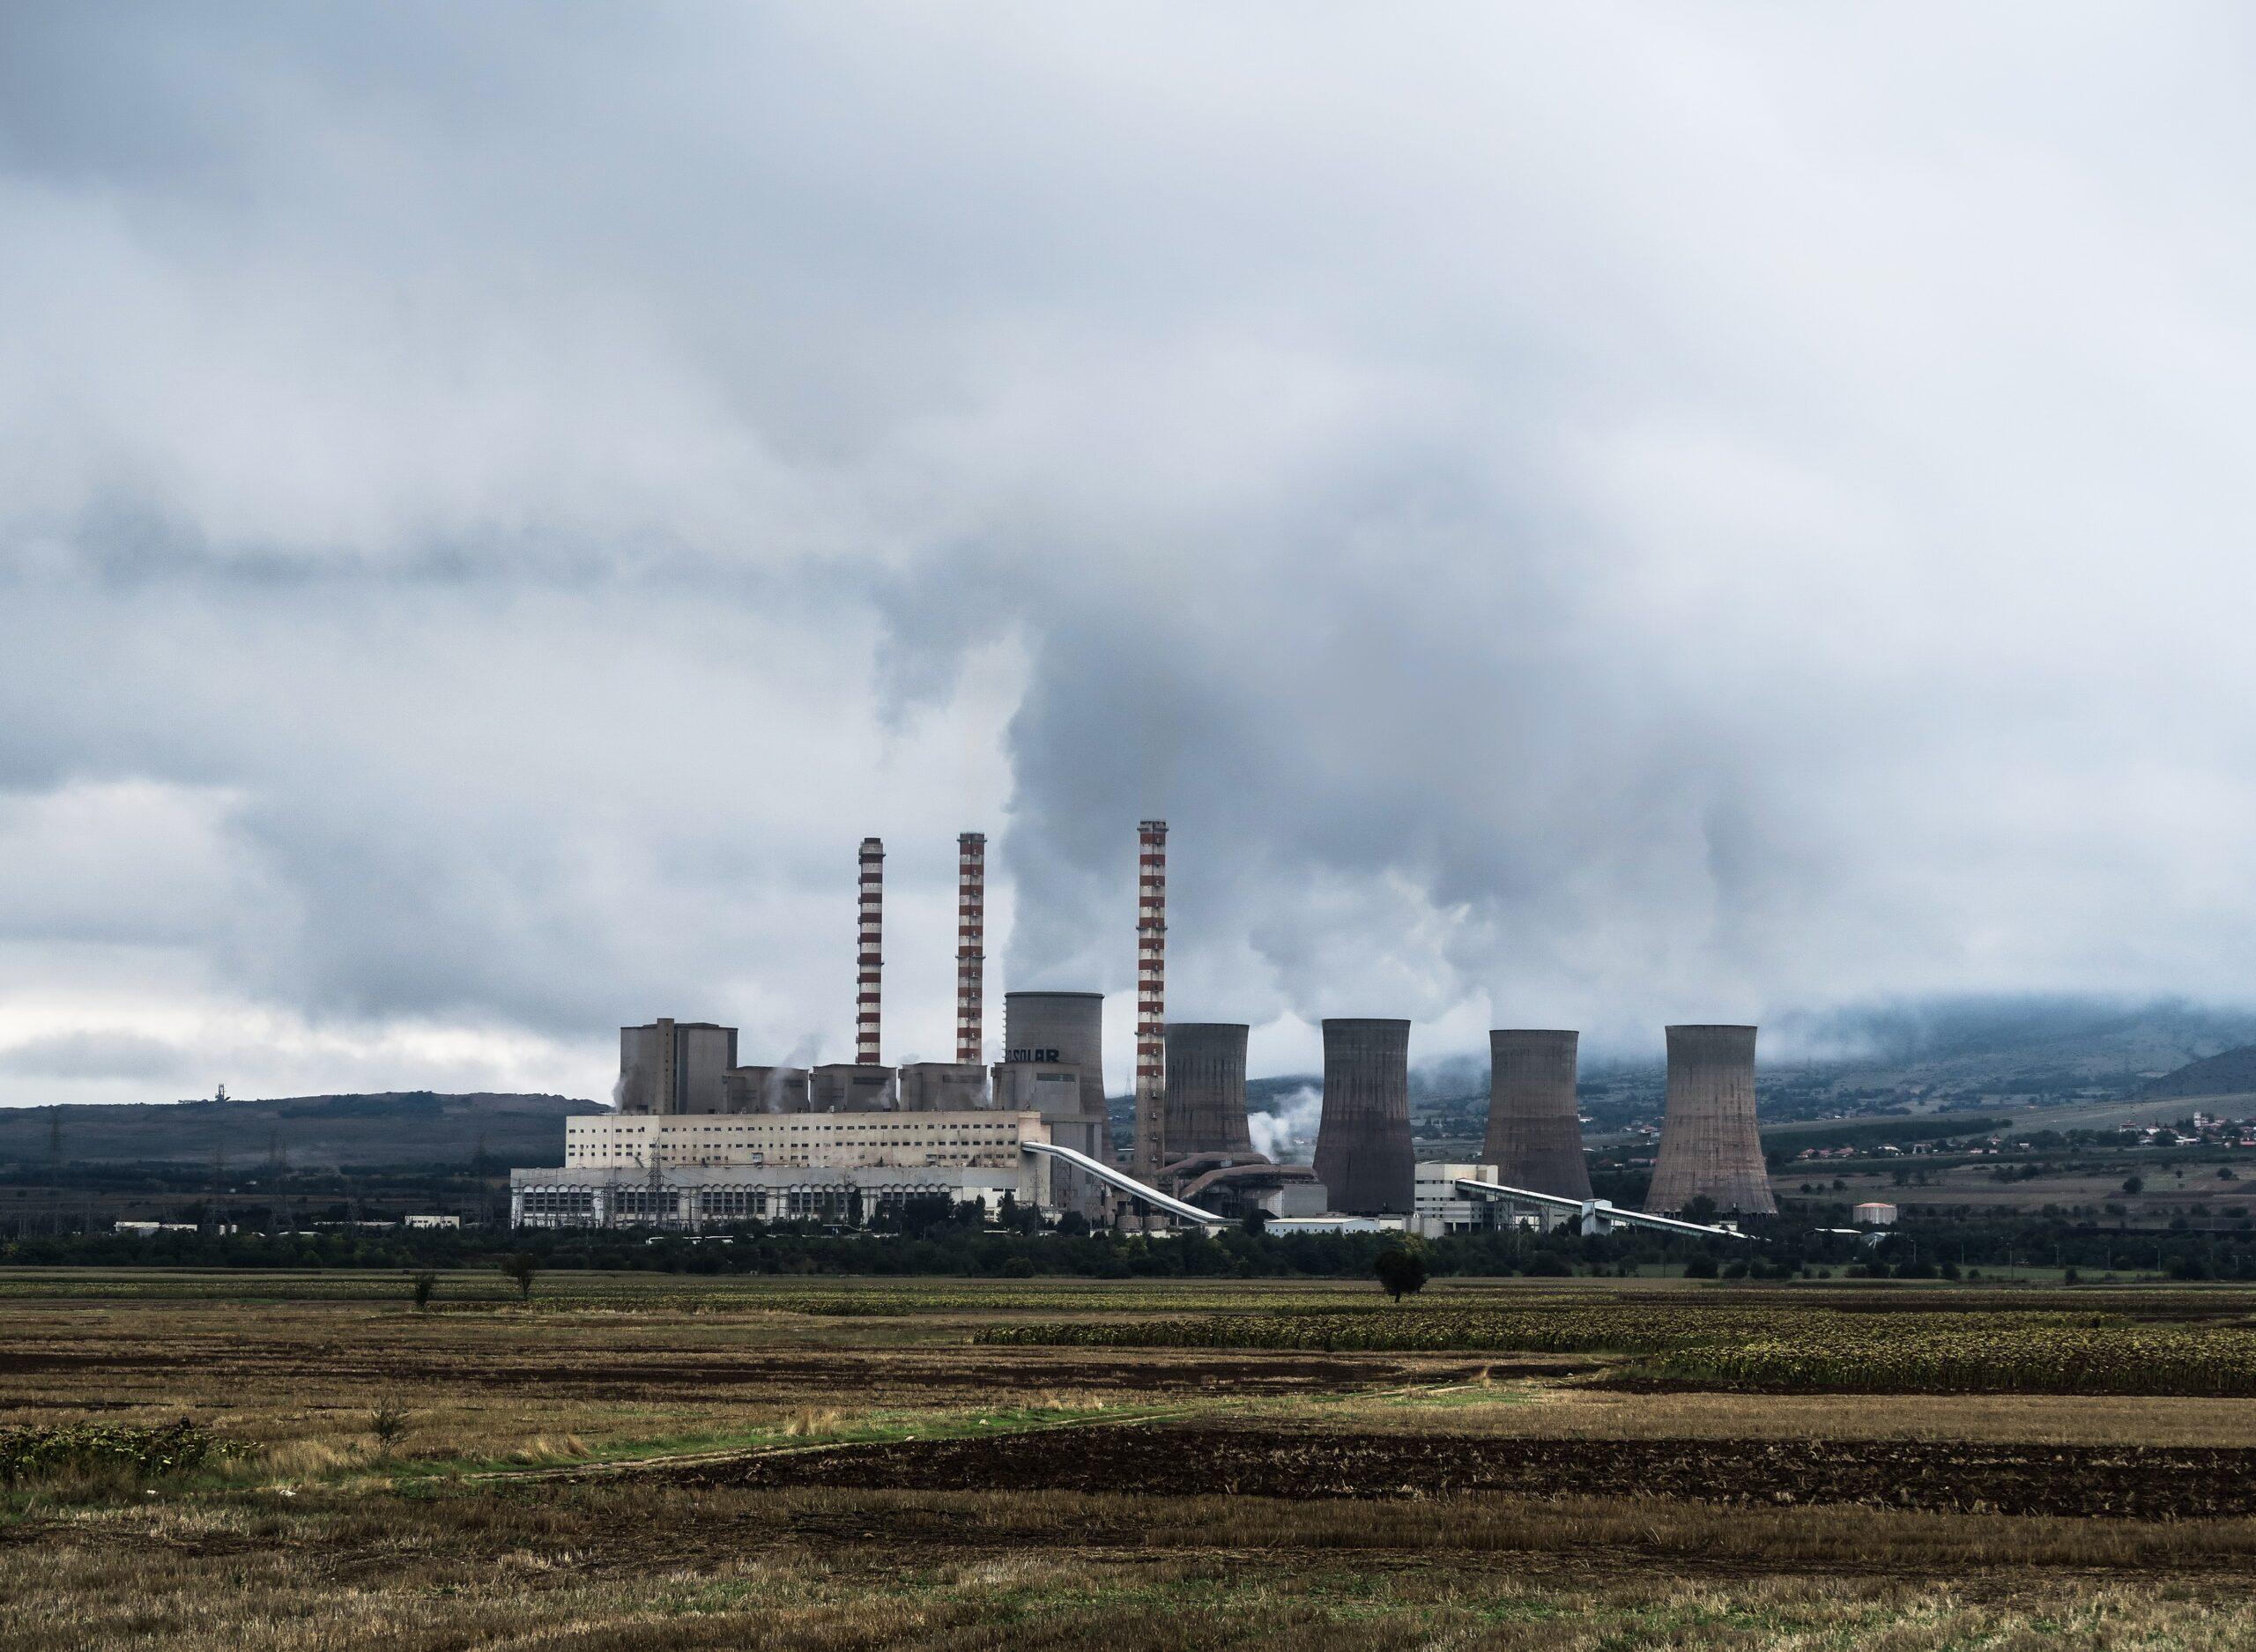 I primati nell'energia   Perché l'Italia non ha abbandonato completamente il nucleare